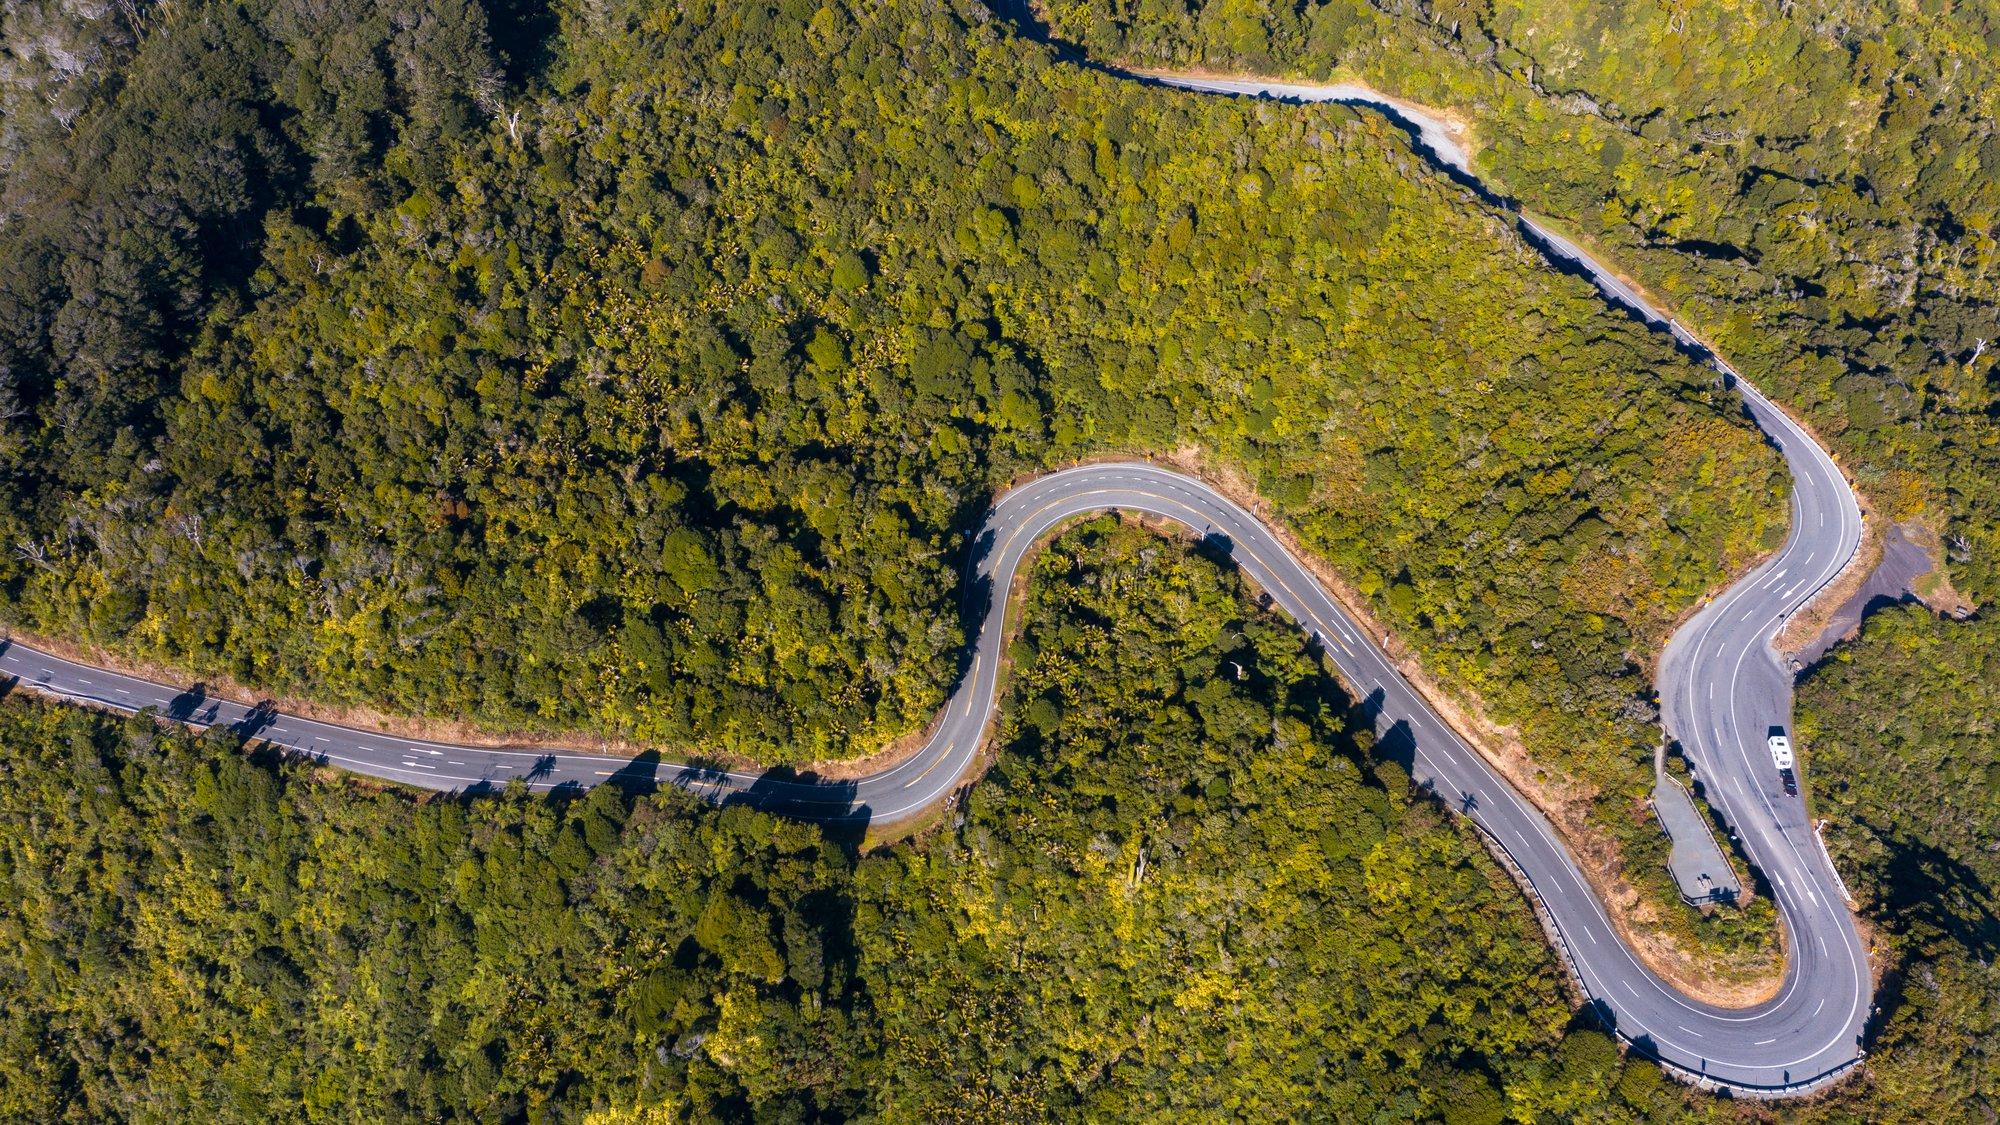 Coast_road_Drone (7 of 14) - Bare Kiwi